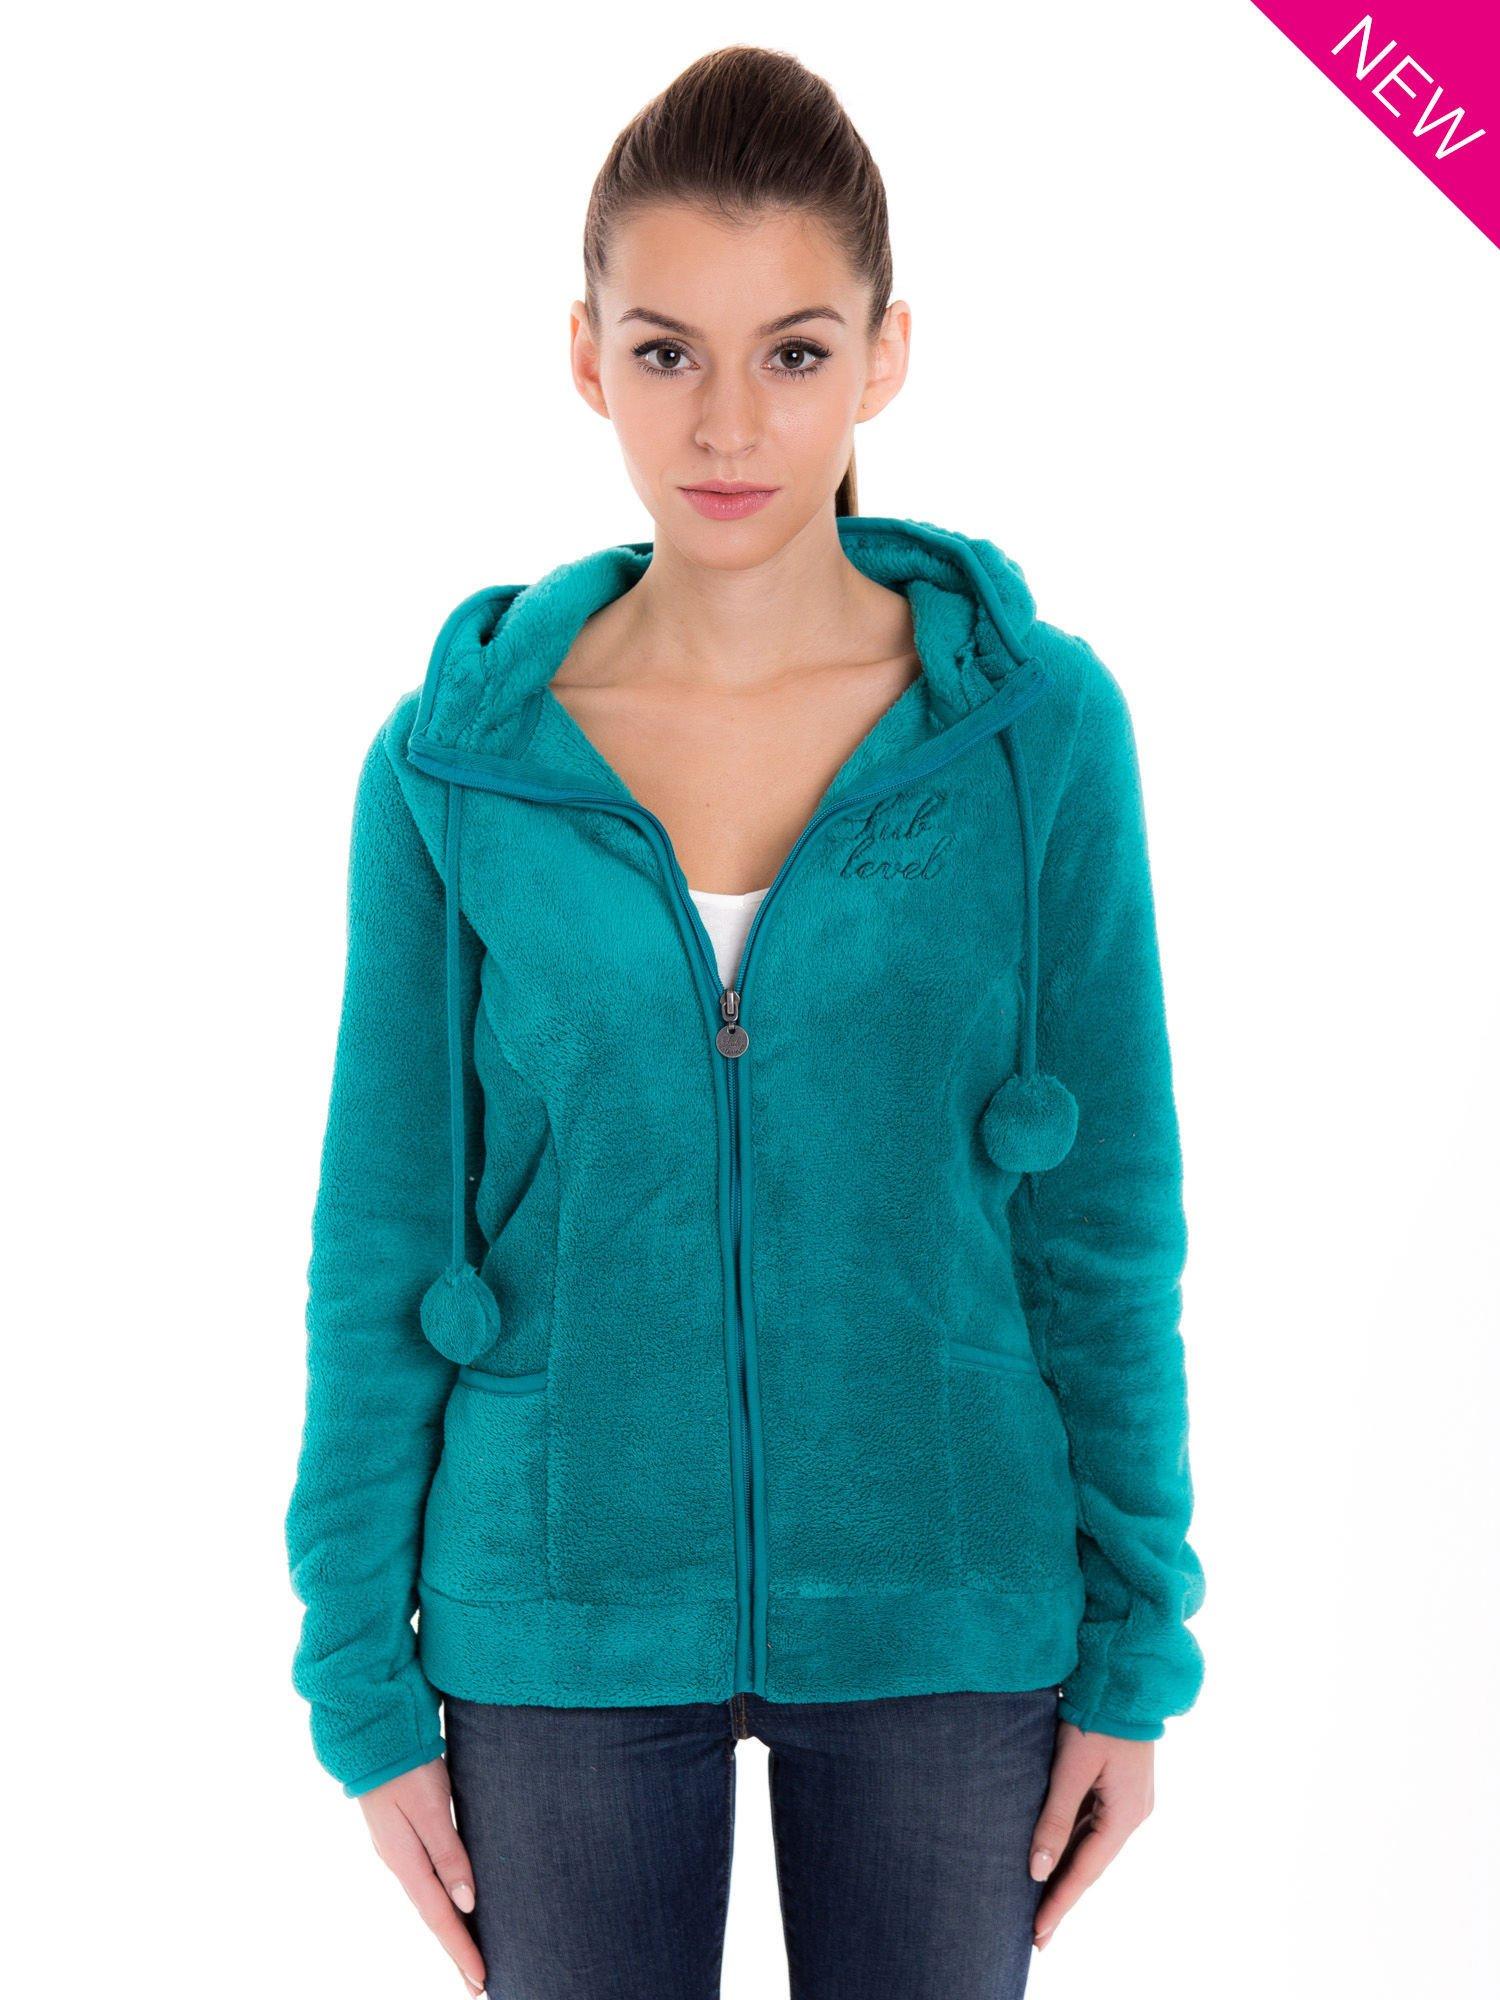 Zielona bluza miś z kapturem z uszkami i pomponami                                  zdj.                                  2